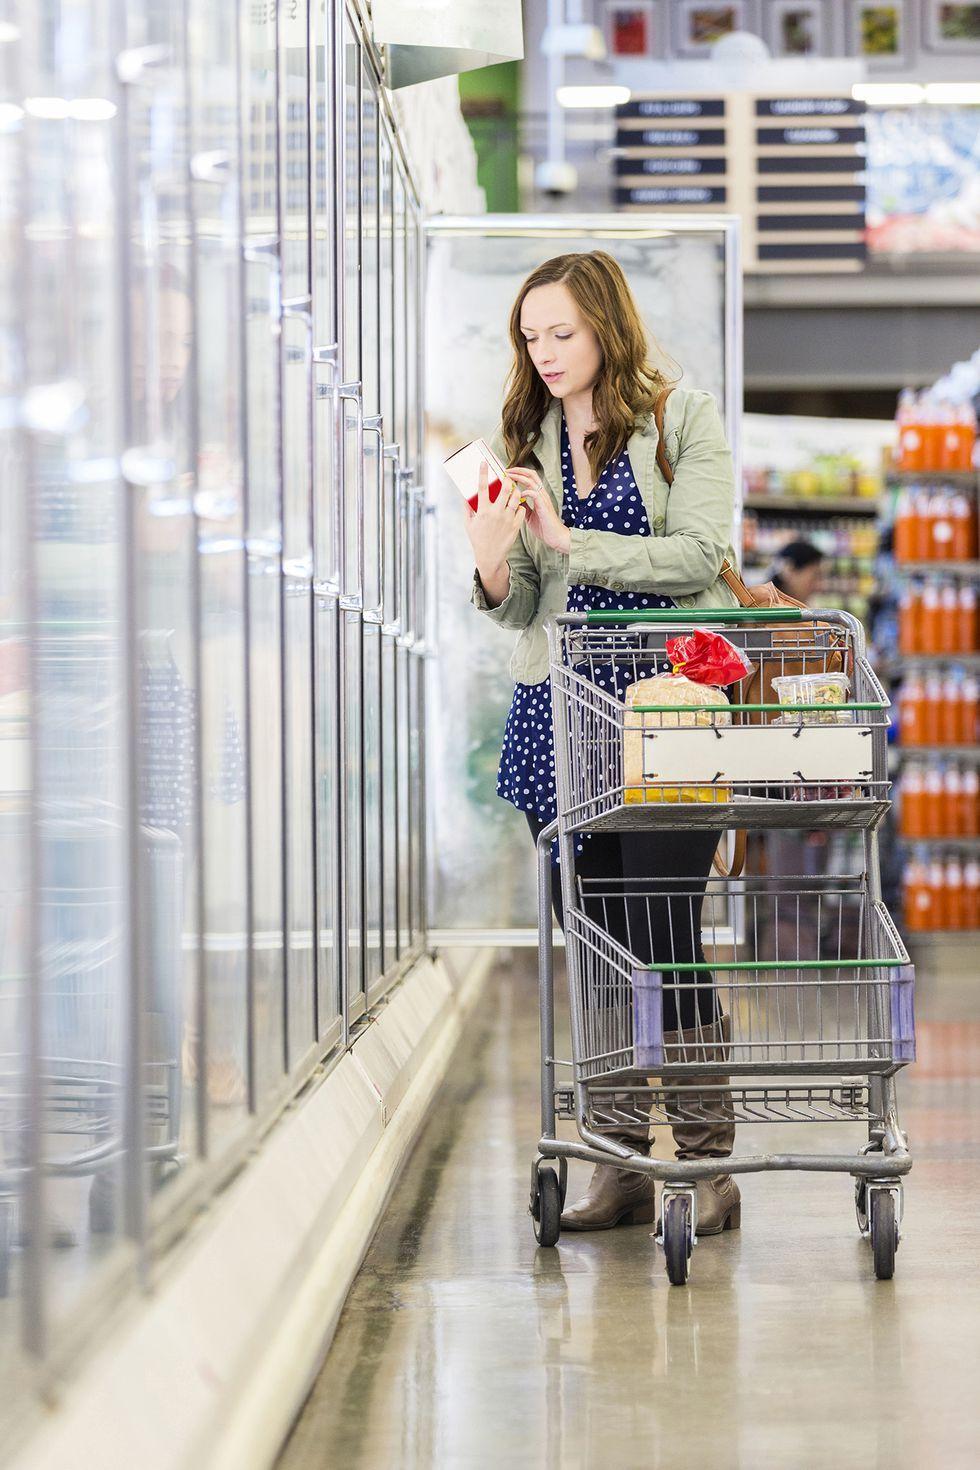 11 bí quyết giữ dáng của những người không bao giờ ăn kiêng - Ảnh 4